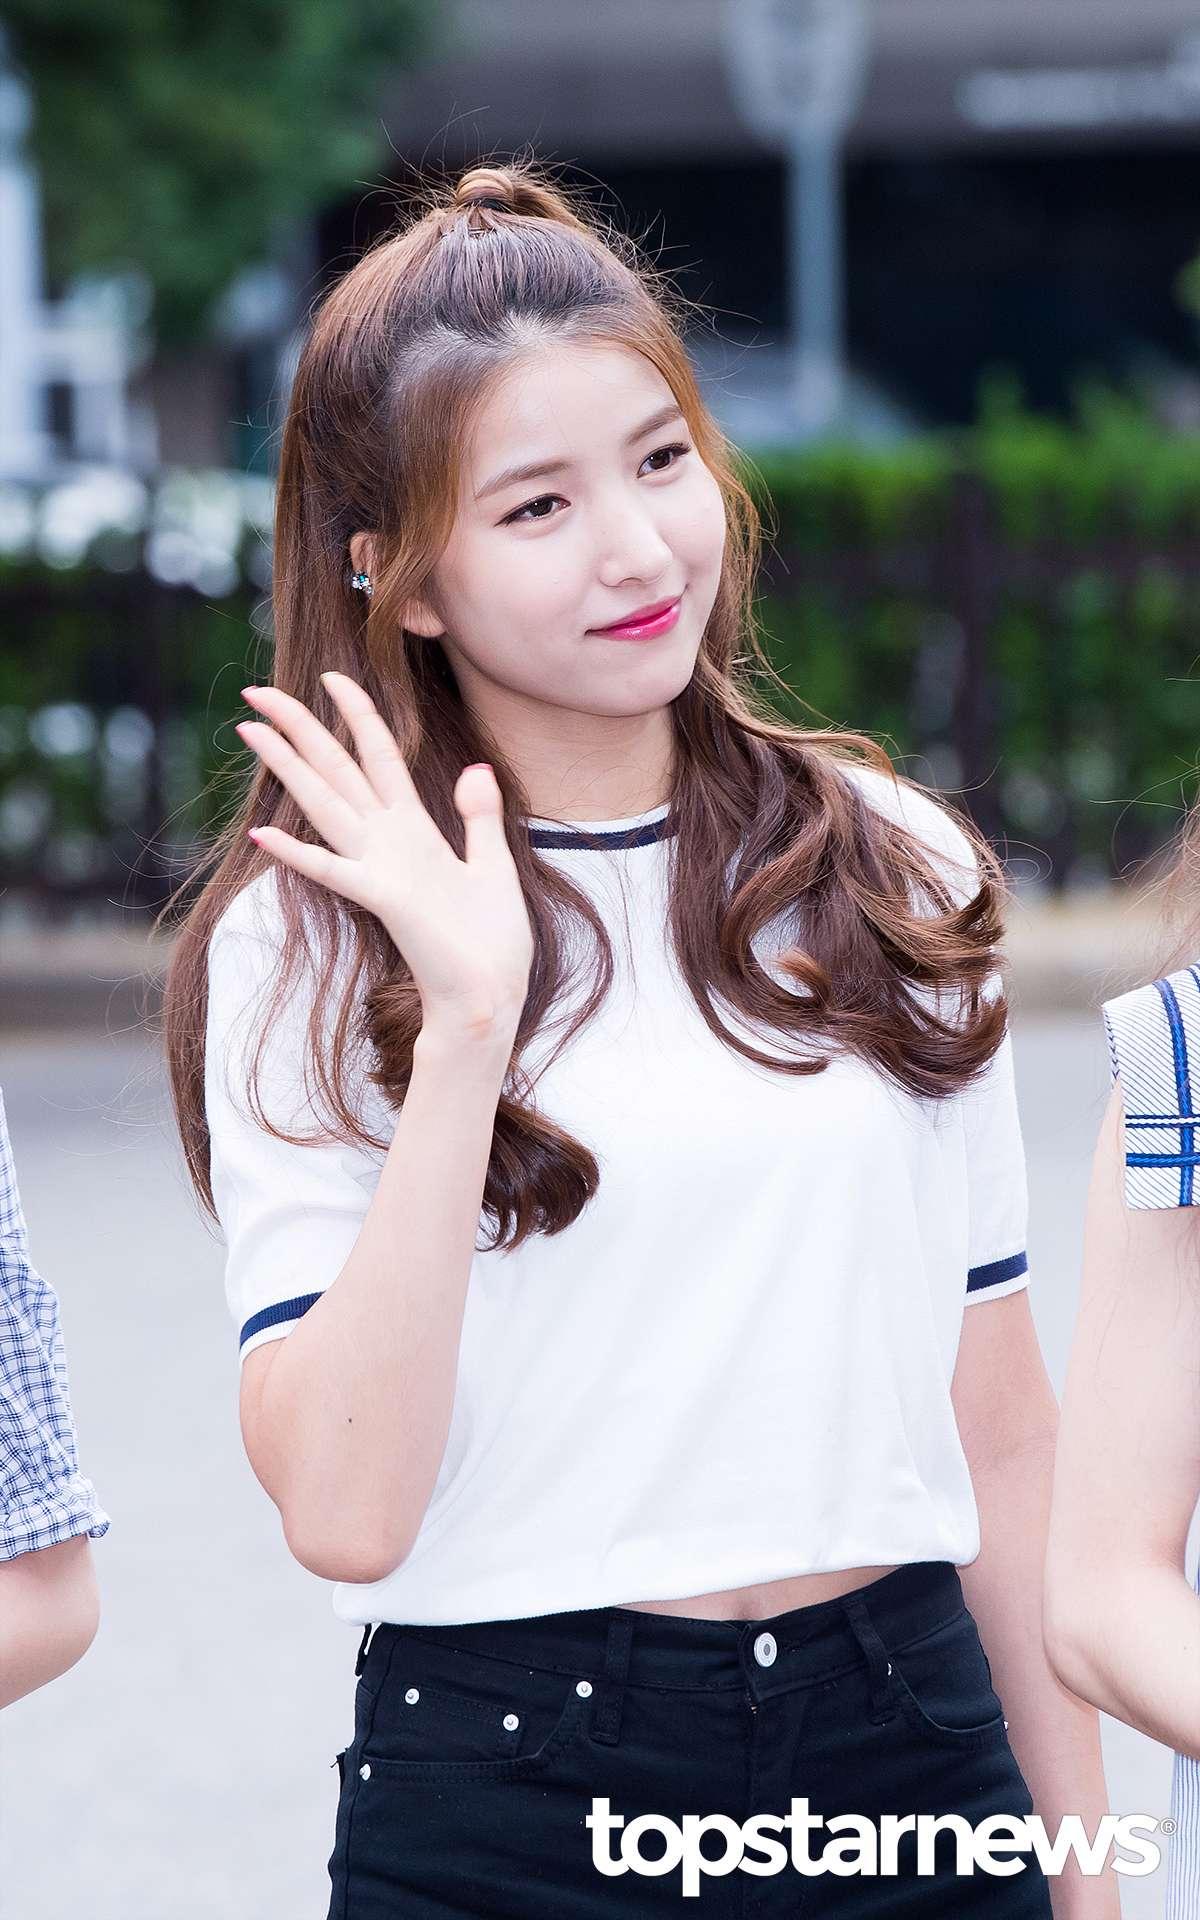 GFRIEND的Sowon給我們展示半扎髪,如果你已經厭煩了軟塌塌的長髮的話,一定要試試哦~